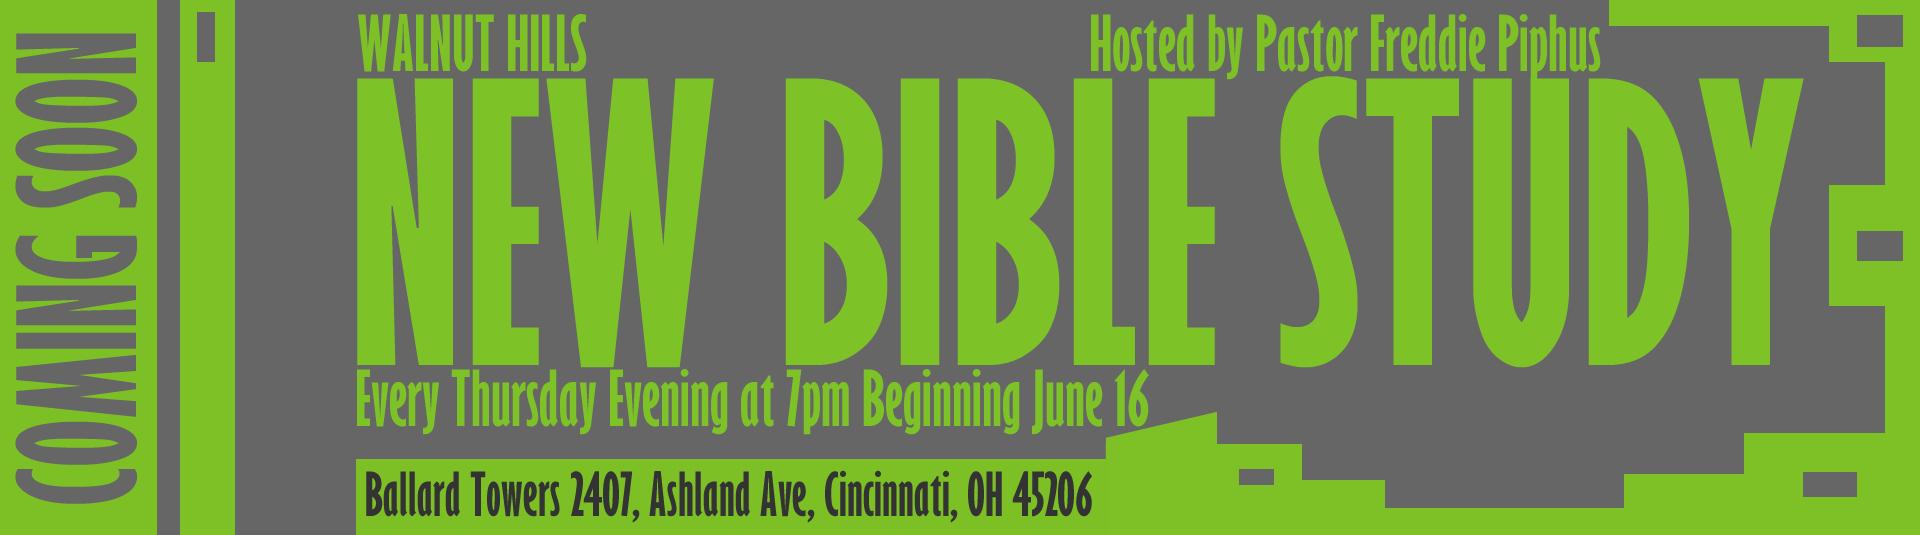 Walnut Hills Bible Study